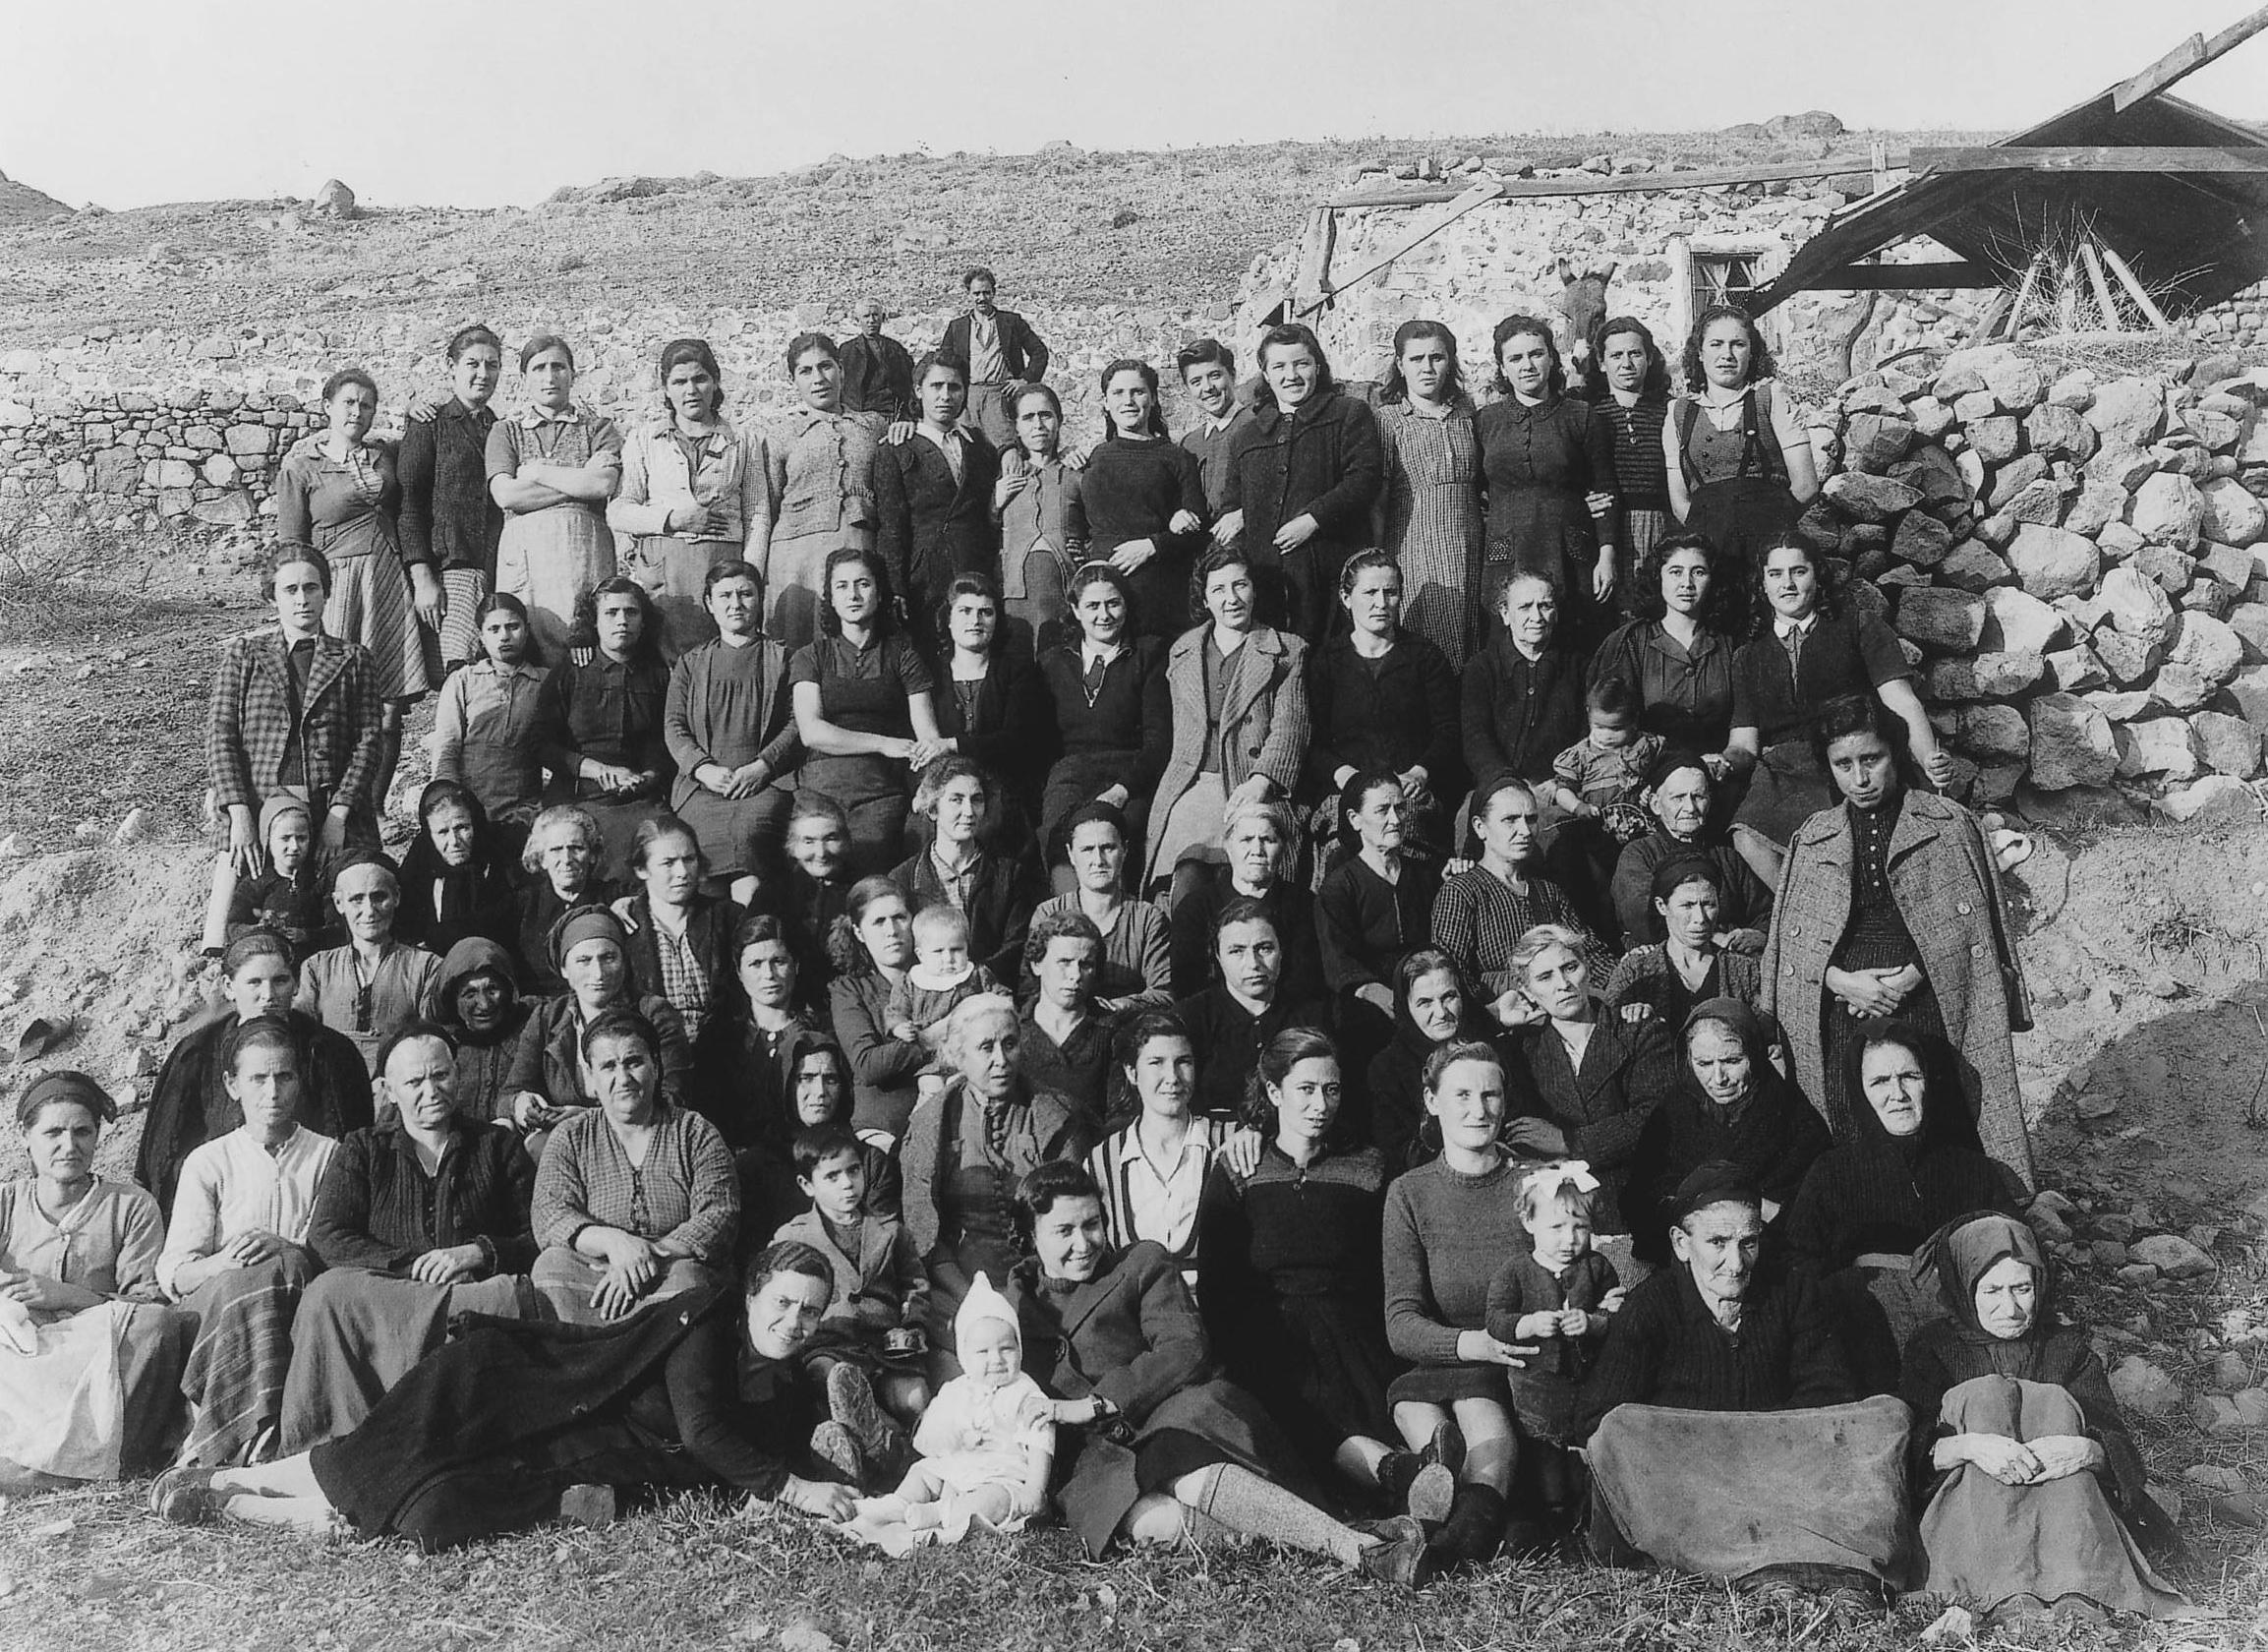 Γυναίκες στον 'Αη-Στράτη, μαζί με κάποια από τα παιδιά τους, μετά την αποχώρηση από το Τρίκερι